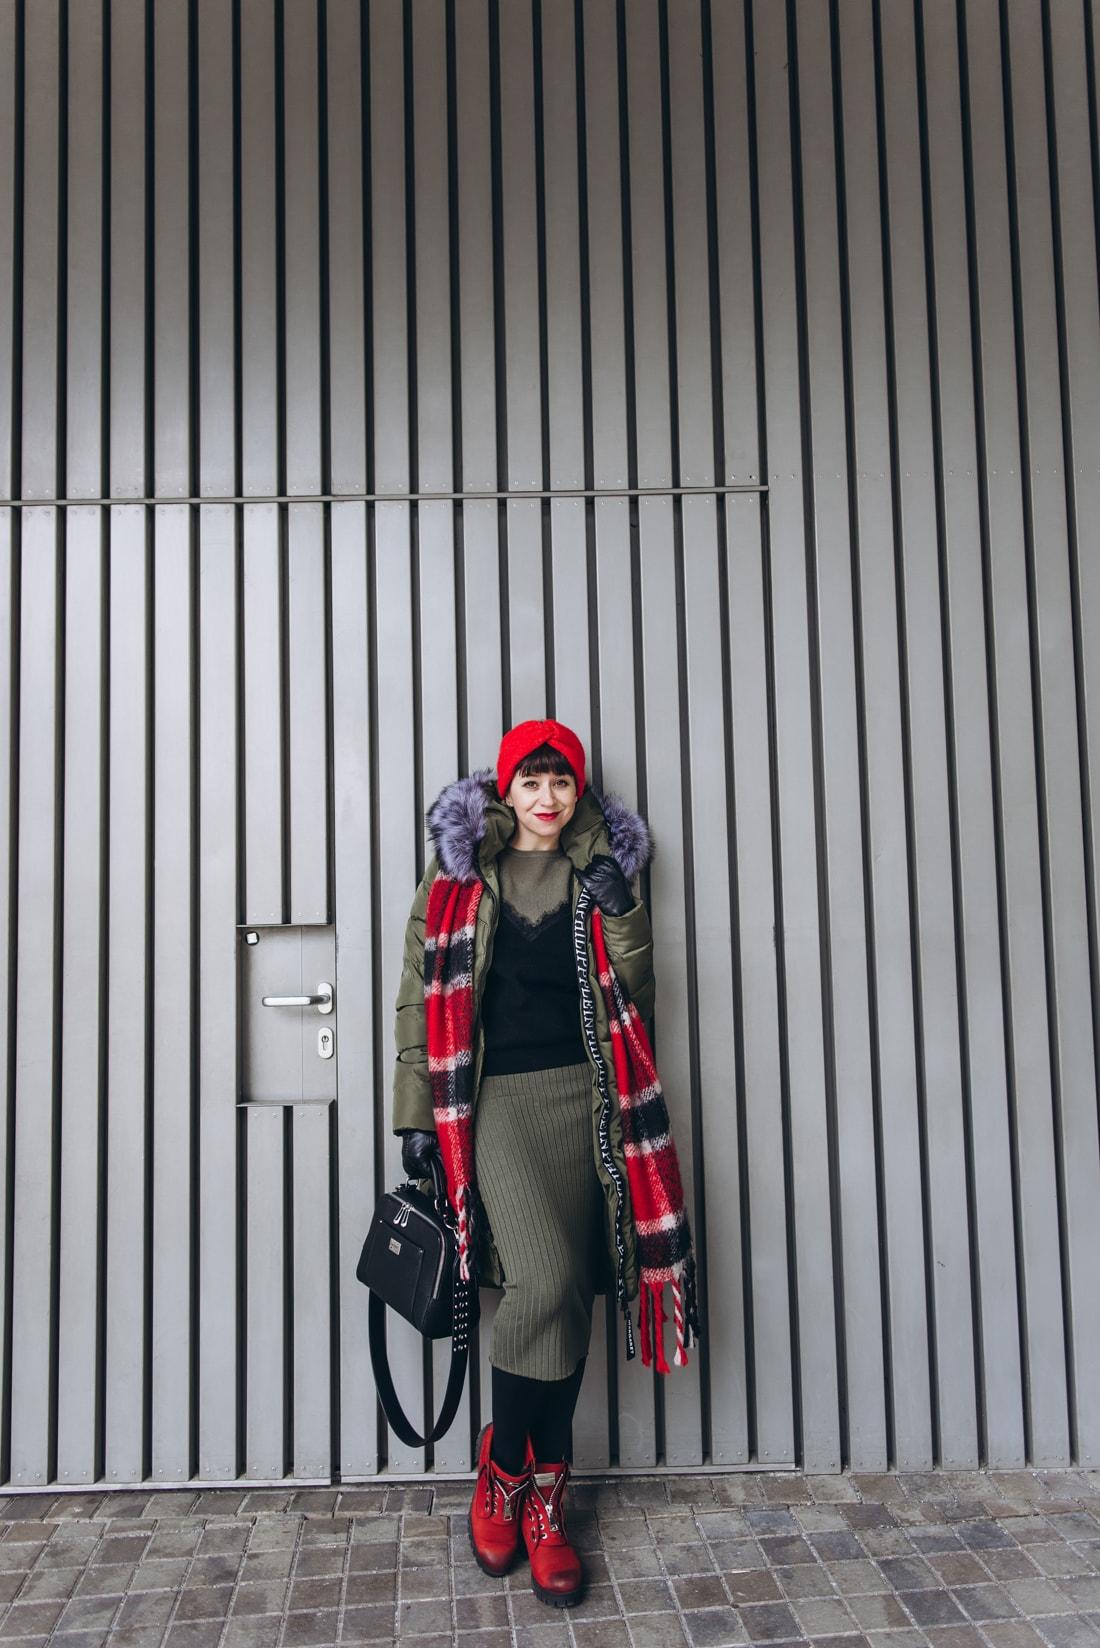 BUDAPEŠŤ BUDETE MILOVAŤ_Katharine-fashion is beautiful_blog 2_červená čelenka Zara_Sveter Vero Moda_Cestovanie_Katarína Jakubčová_Módna blogerka